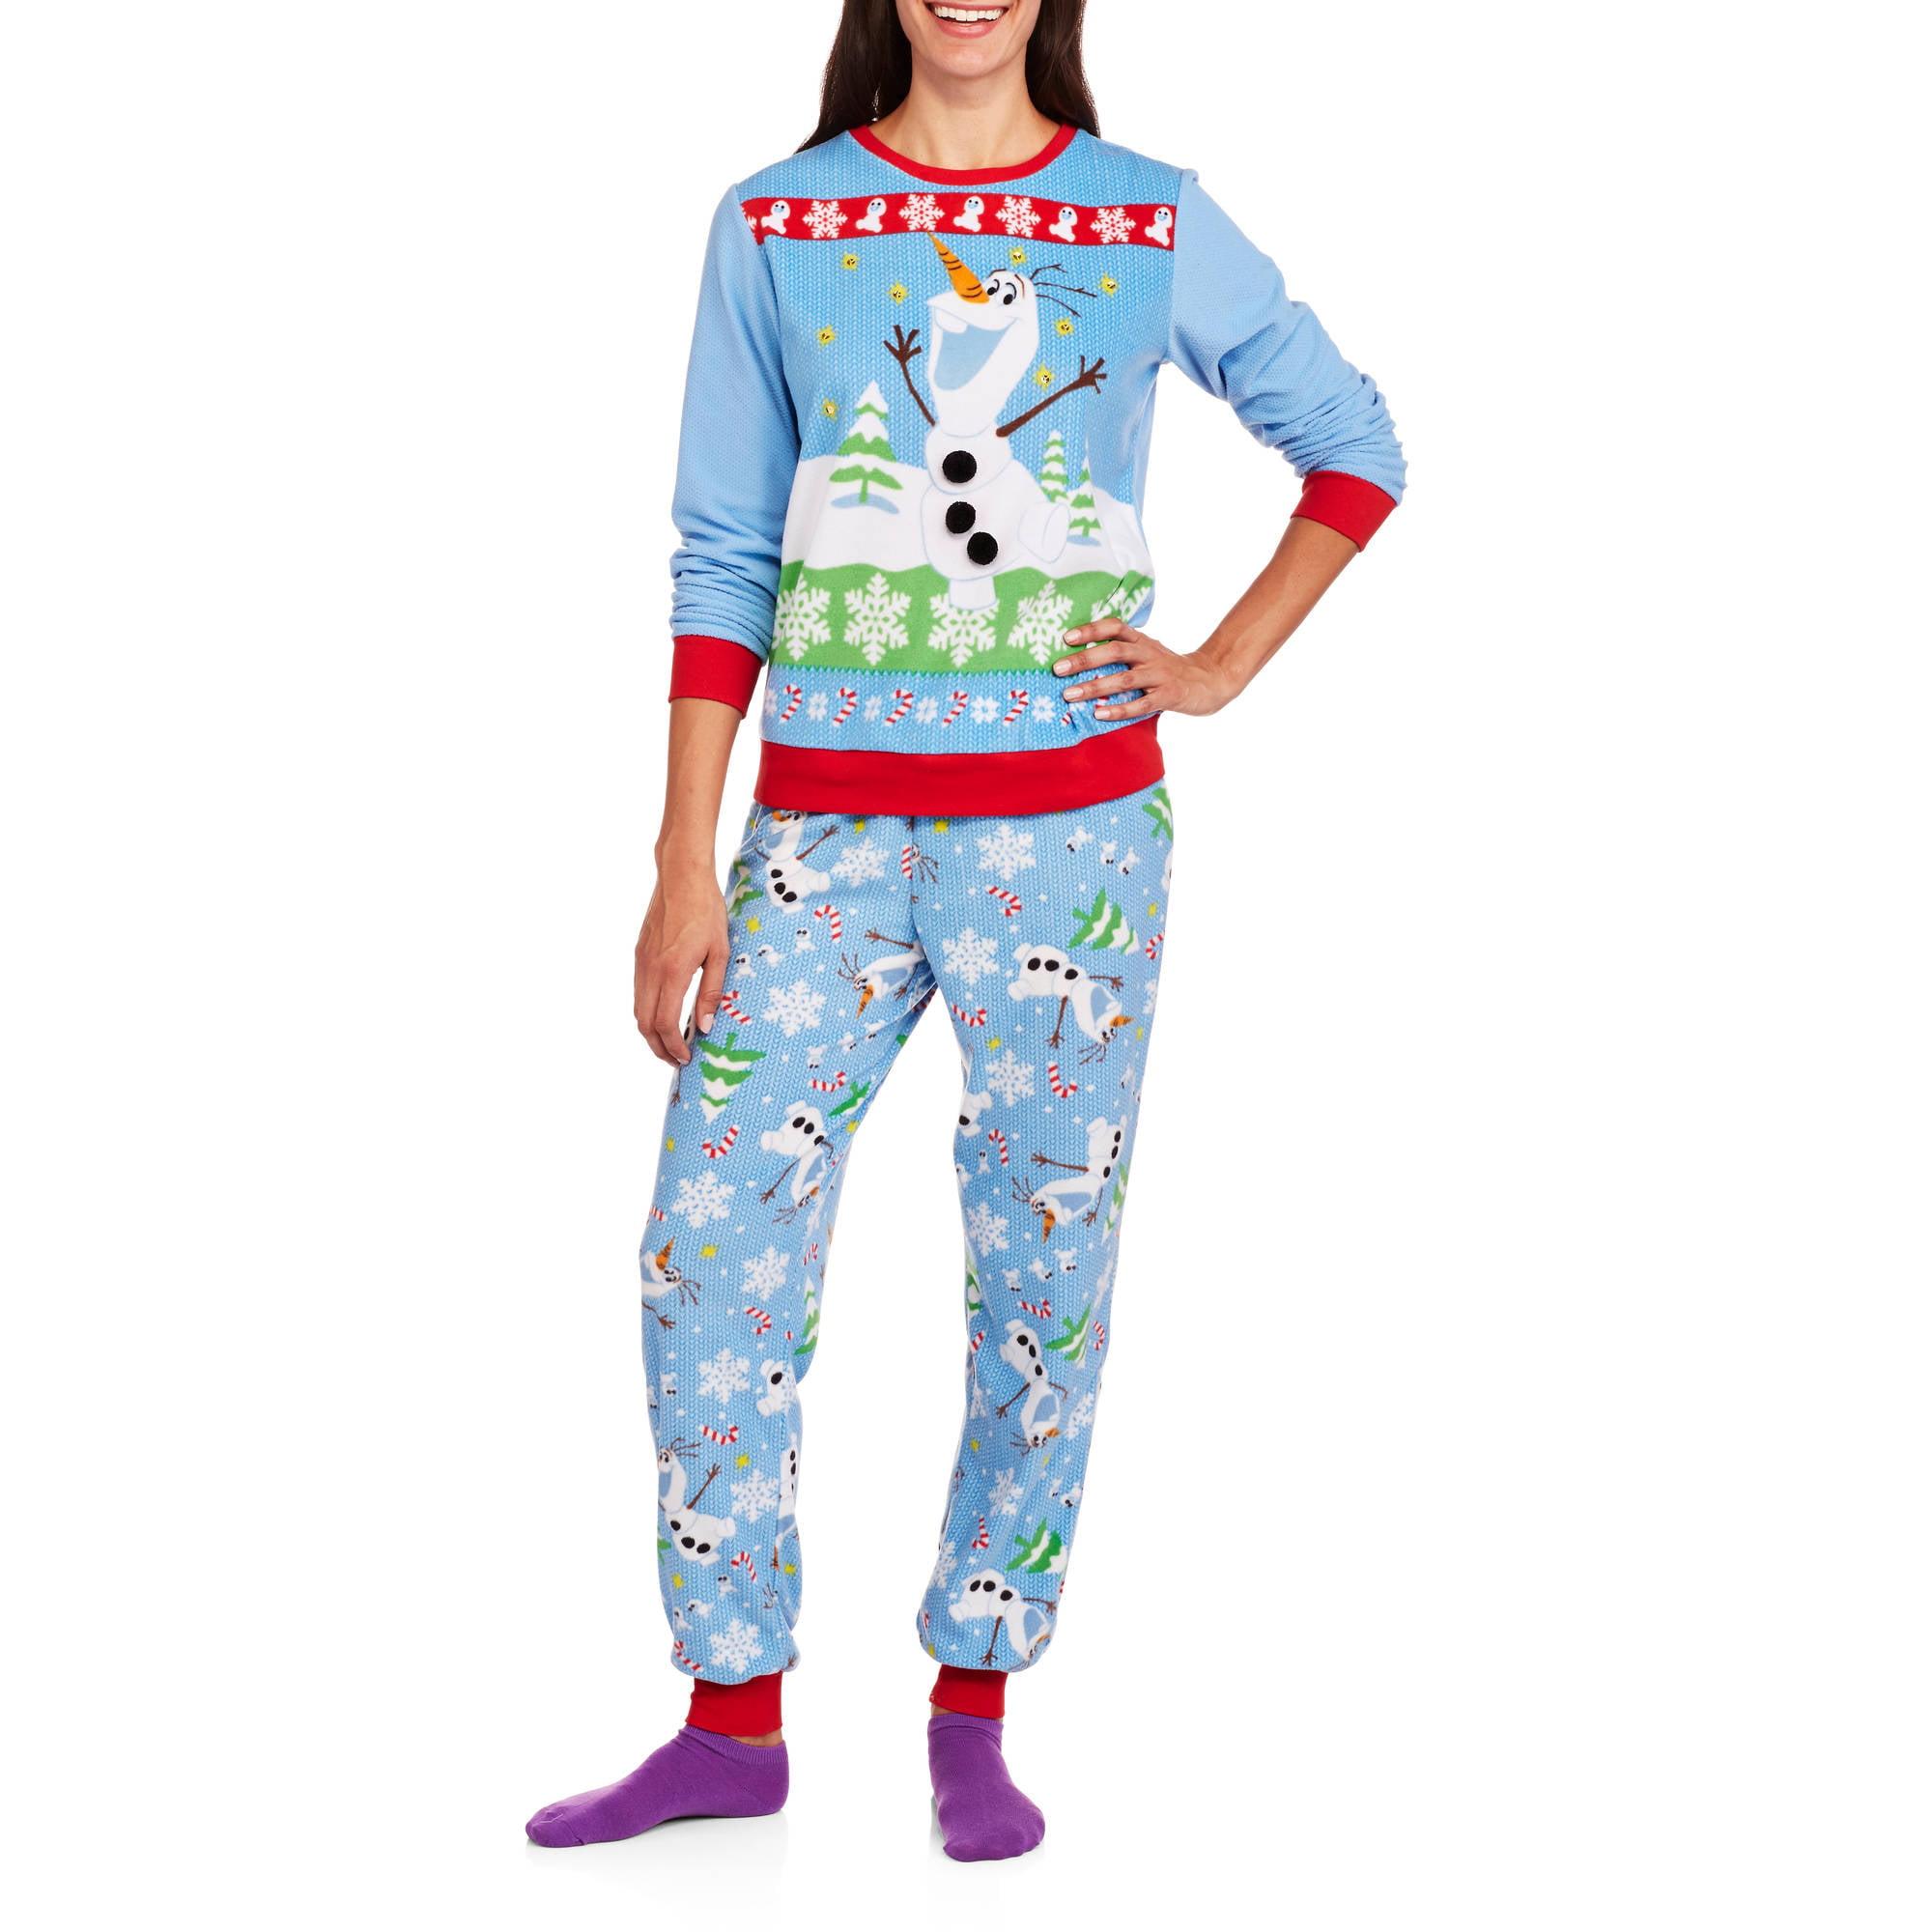 Olaf Women\'s License Pajama Ugly Sweater Fashion 2 Piece Sleepwear ...